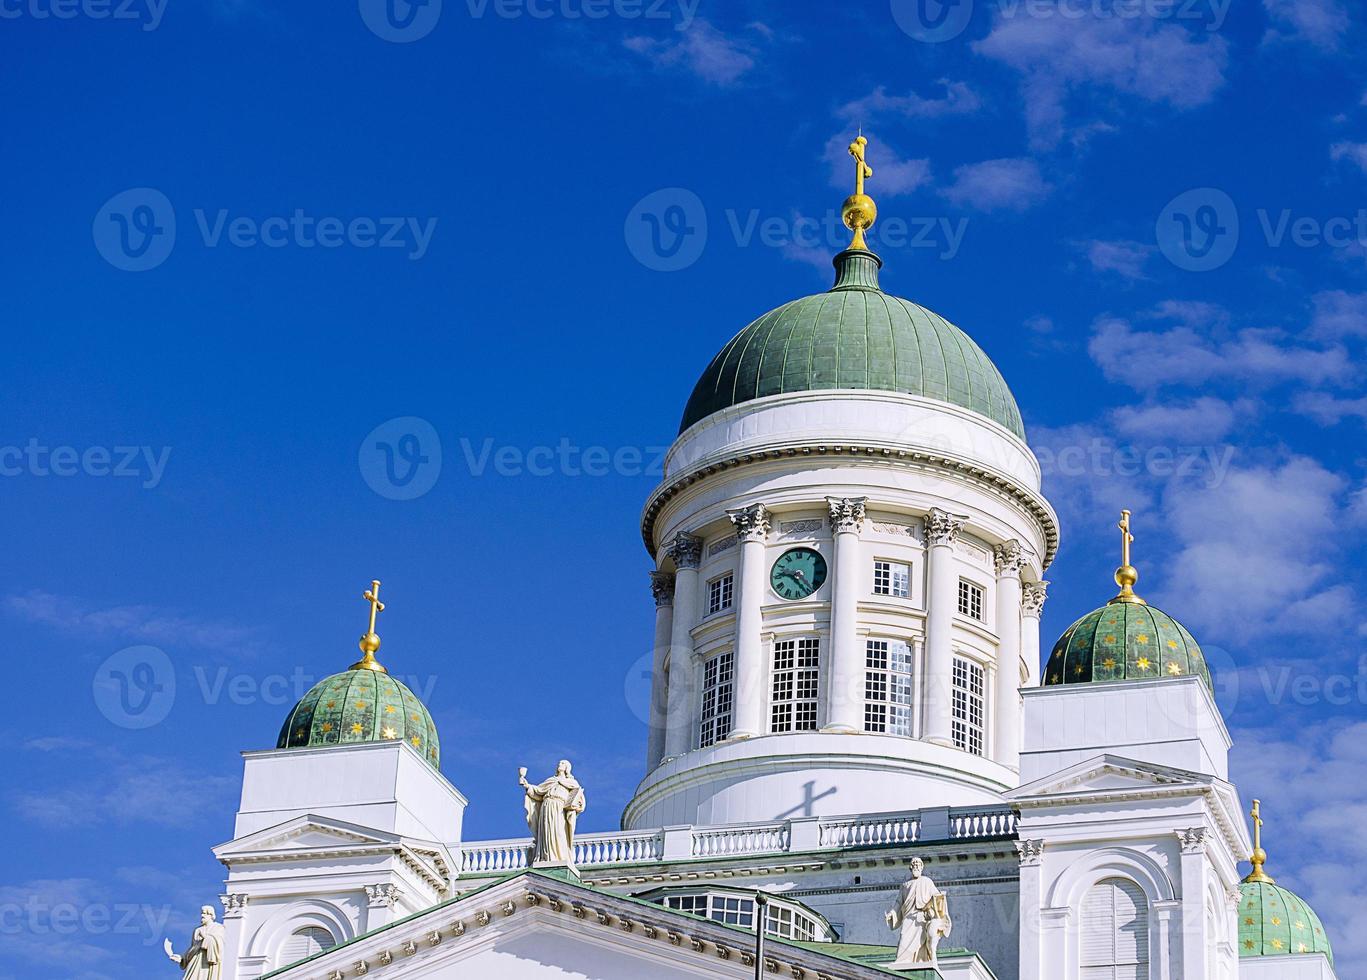 cathédrale de st. nicolas. église. photo